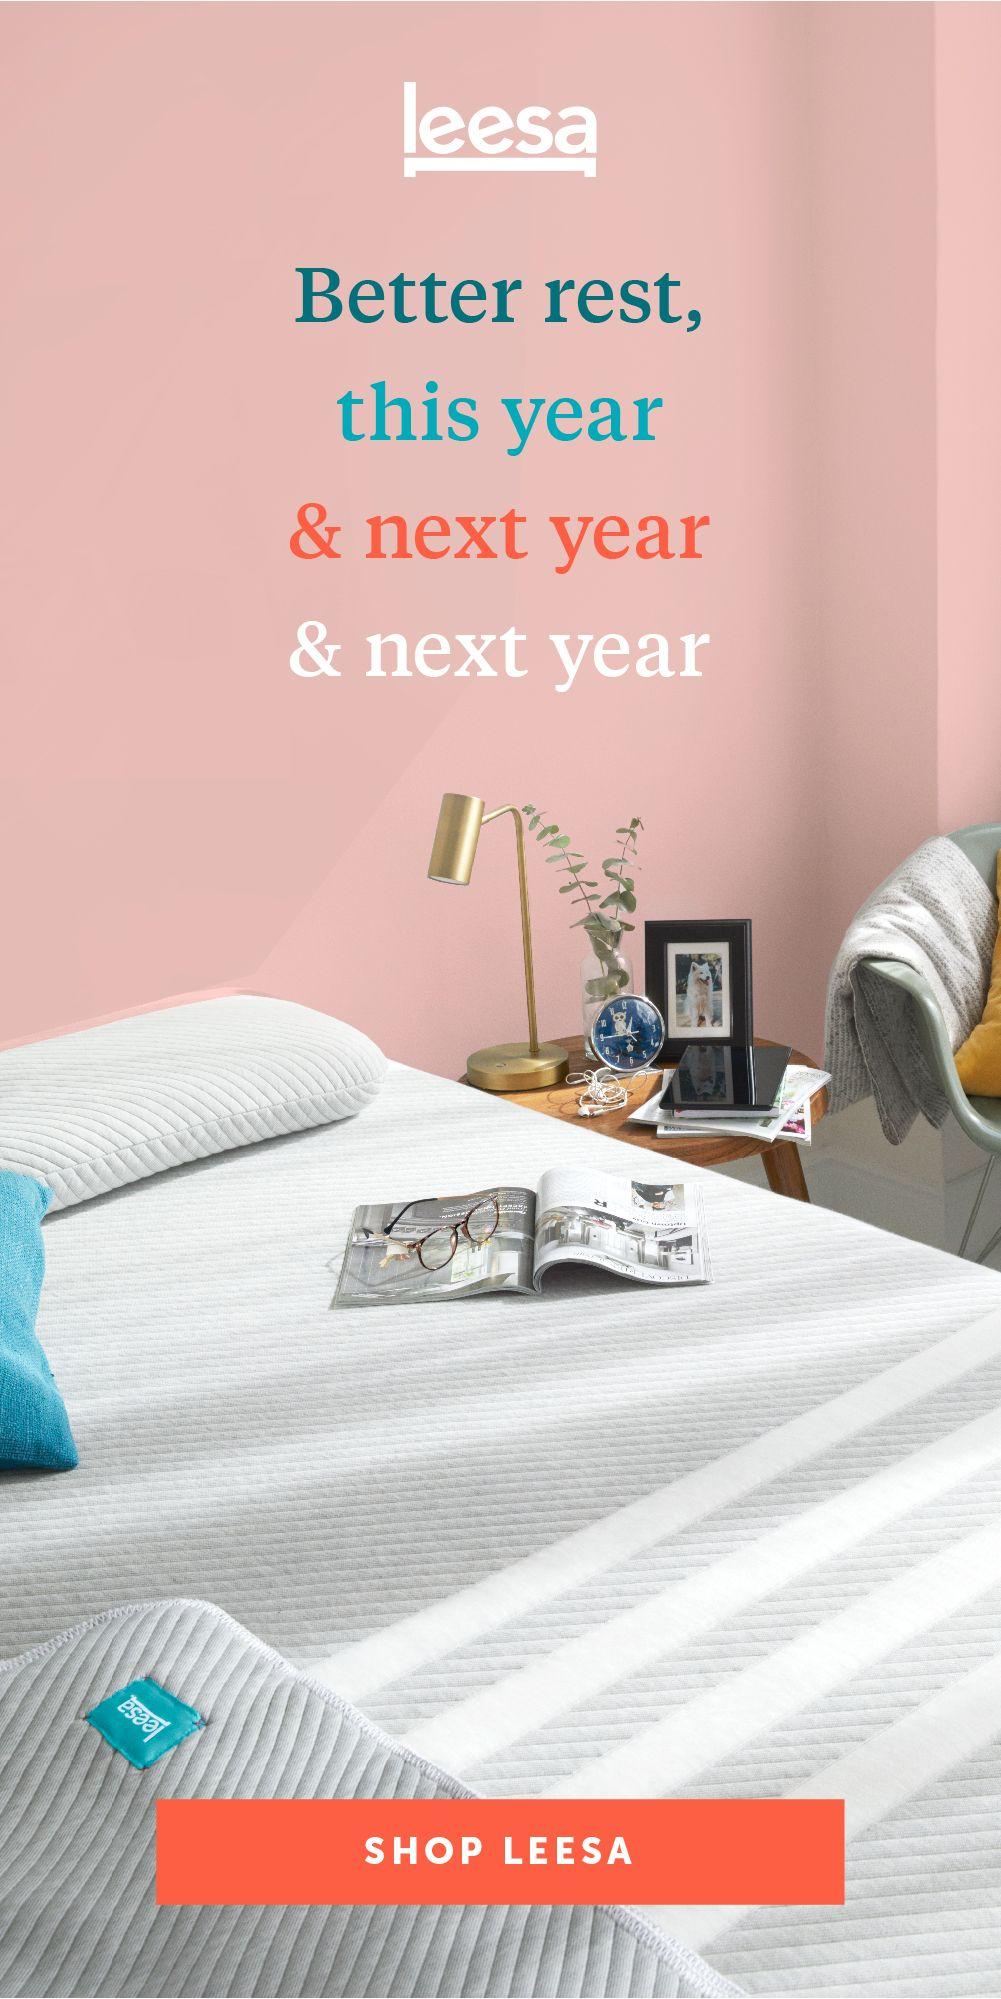 Memory Foam Mattress Cooling Supportive Comfortable Leesa Leesa Mattress Mattress Spare Bedroom Ideas On A Budget